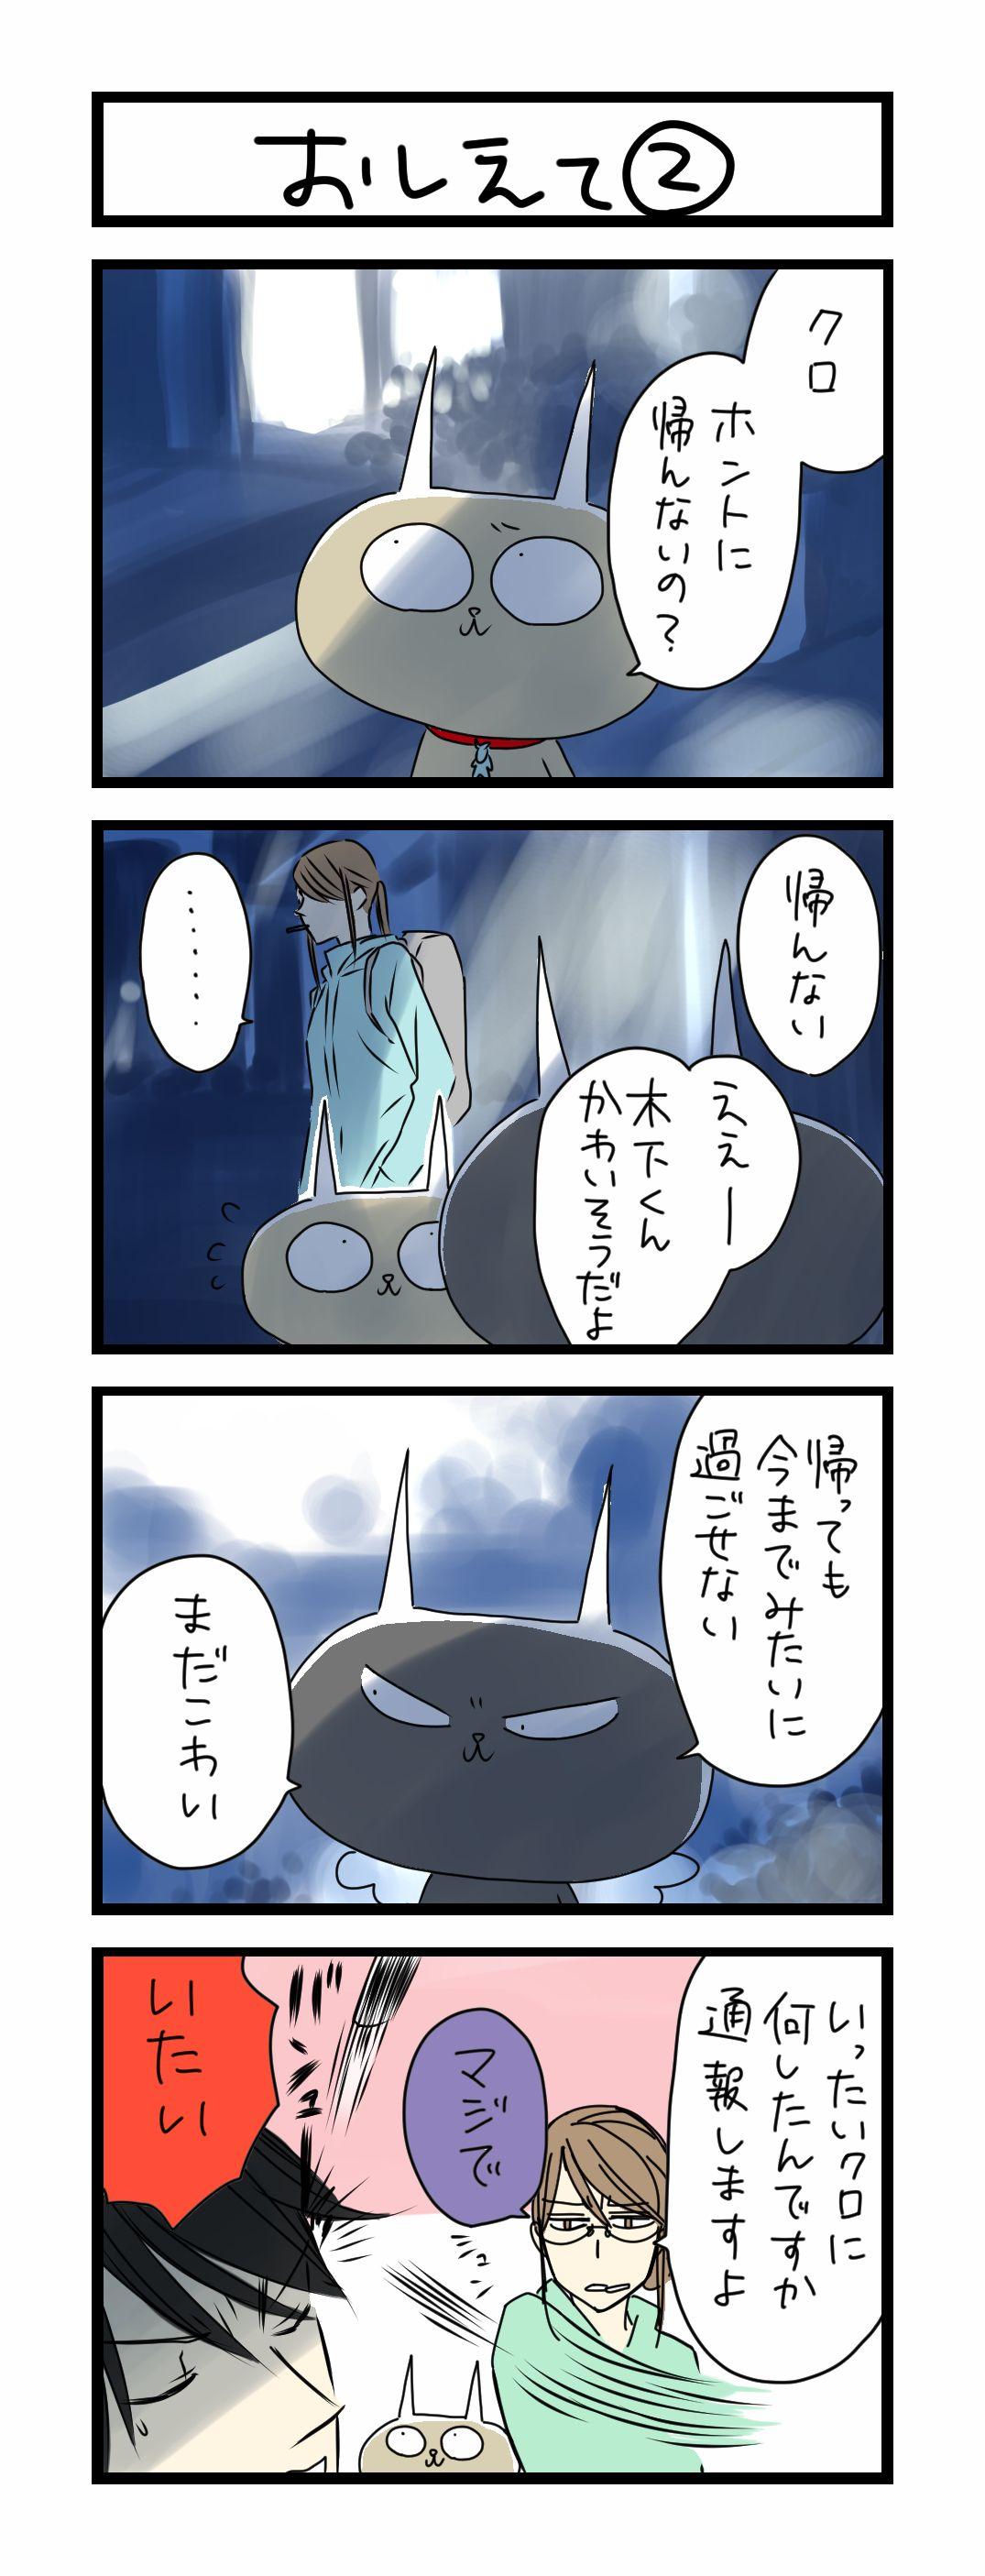 夜の4コマ部屋 おしえて2 サチコと神ねこ様 第958回 wako先生 pouch ポーチ 神 ねこ sns 漫画